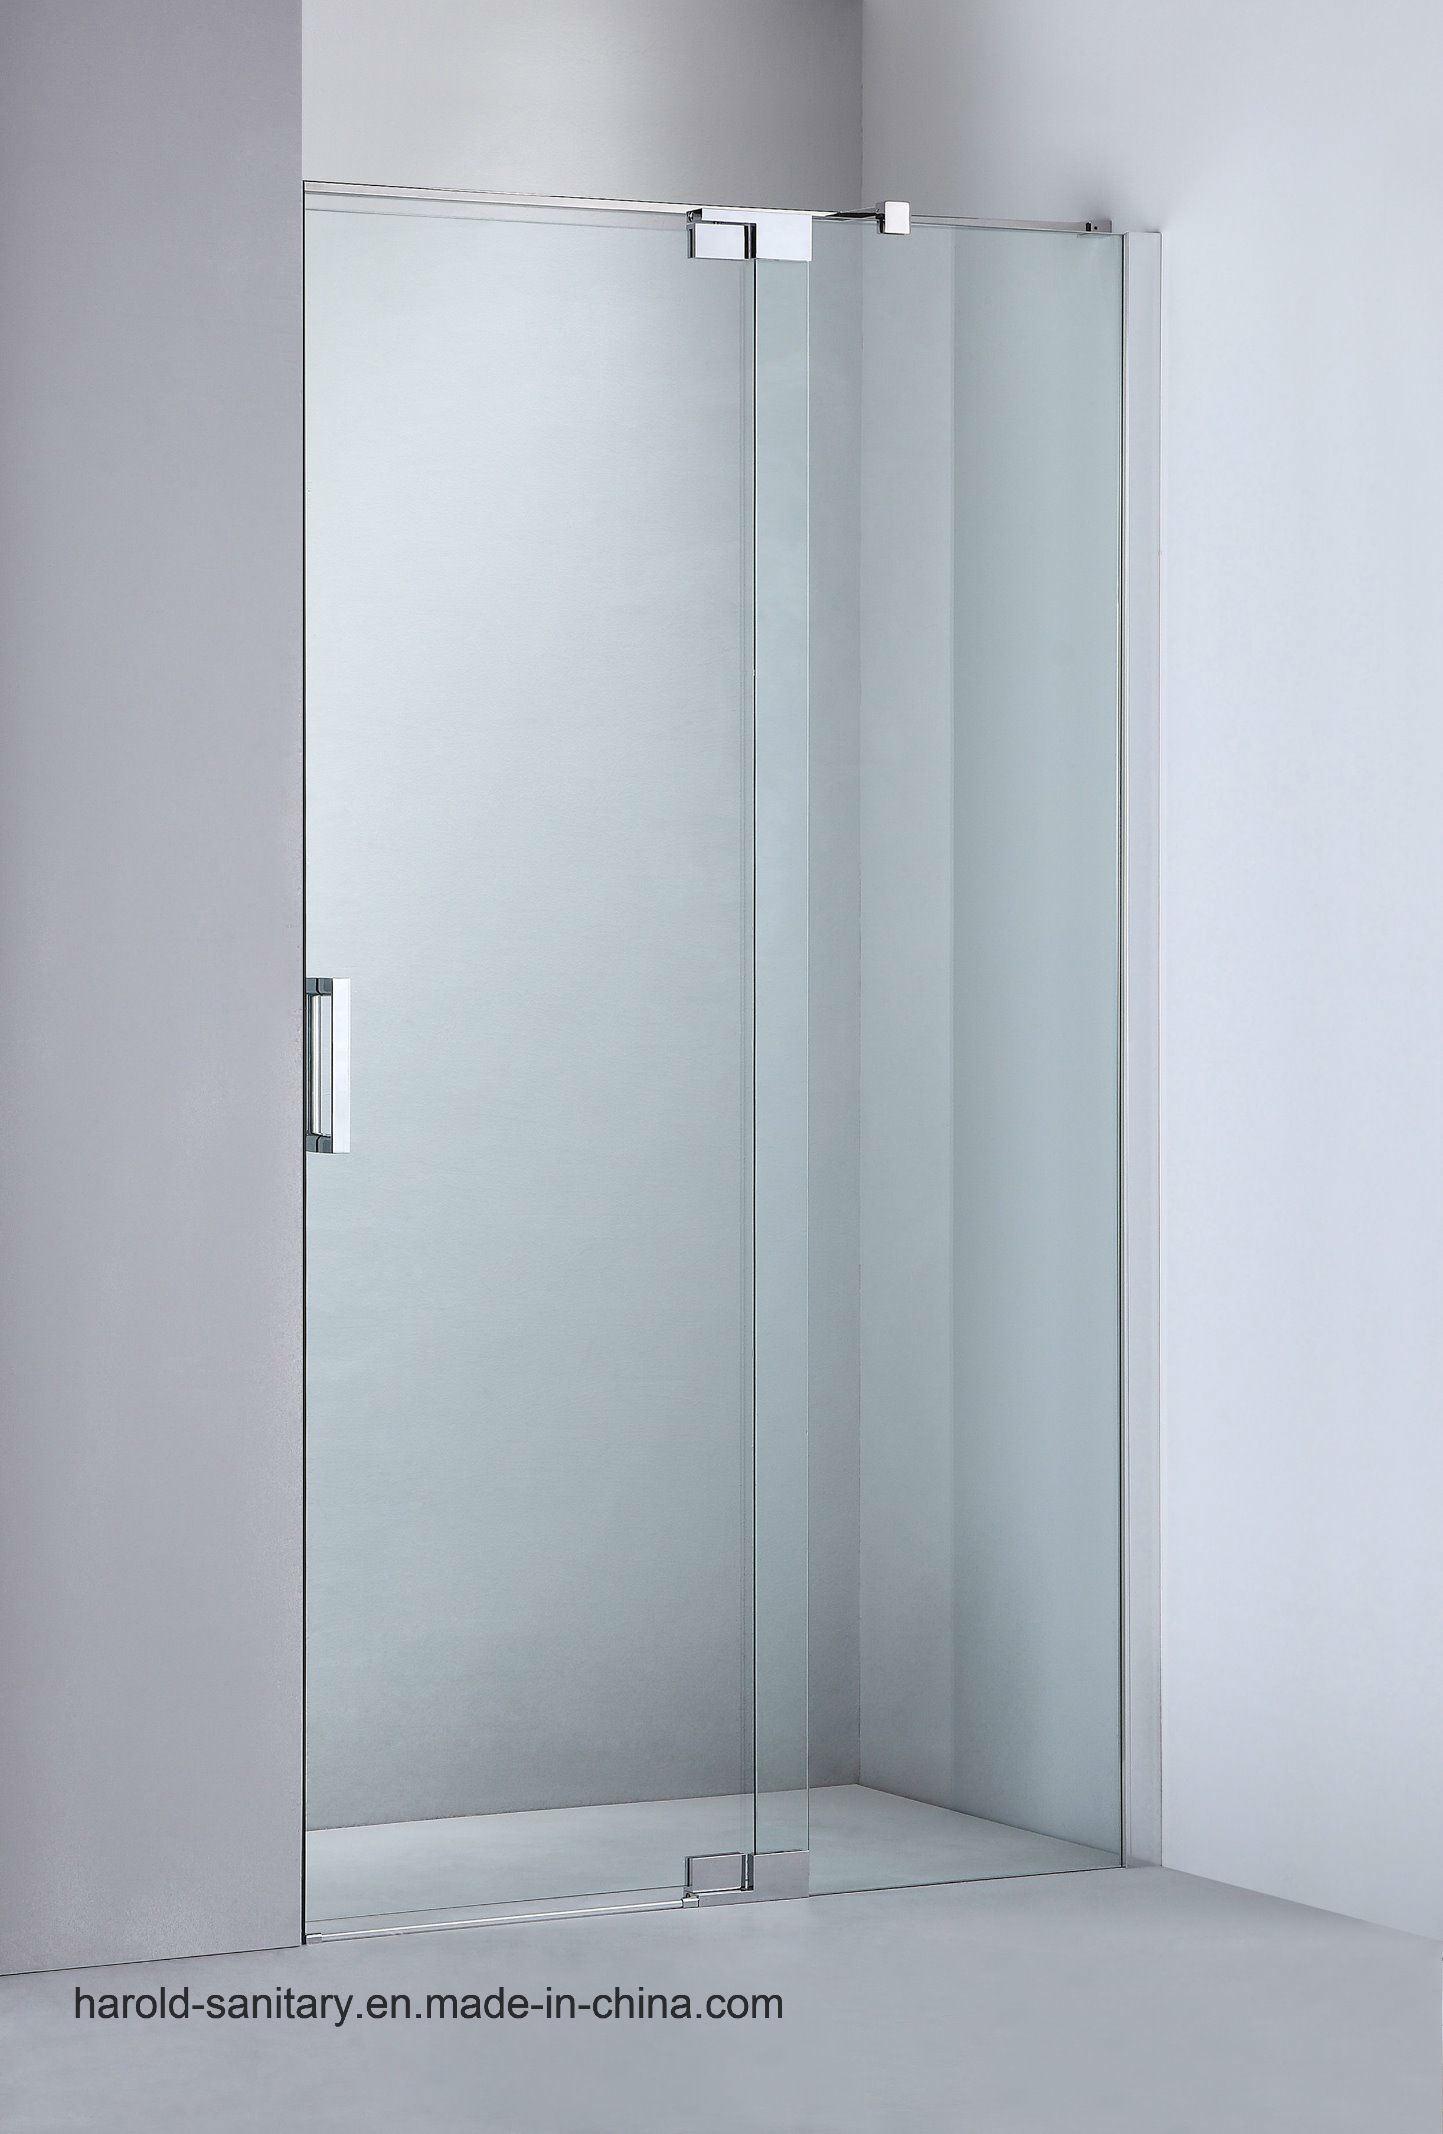 Hot Item Brass Pivot Hinge Swing Shower Door